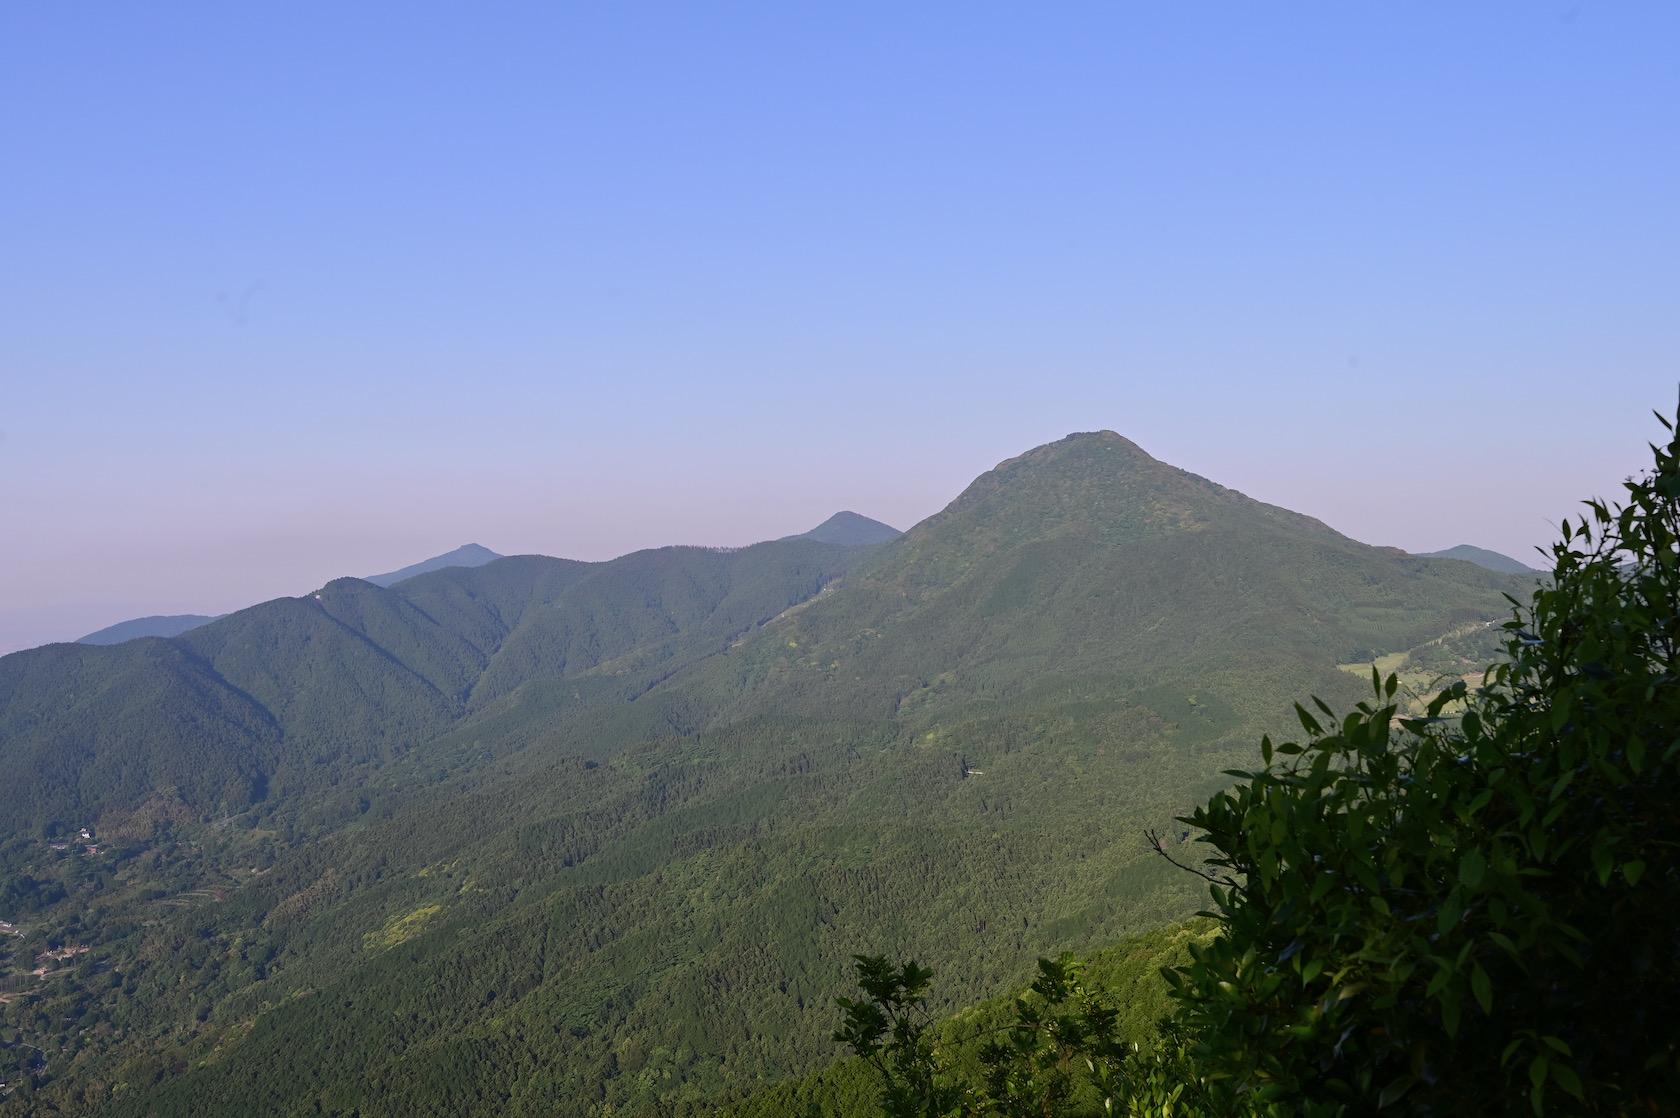 十坊山から見る二丈岳、女岳、浮嶽